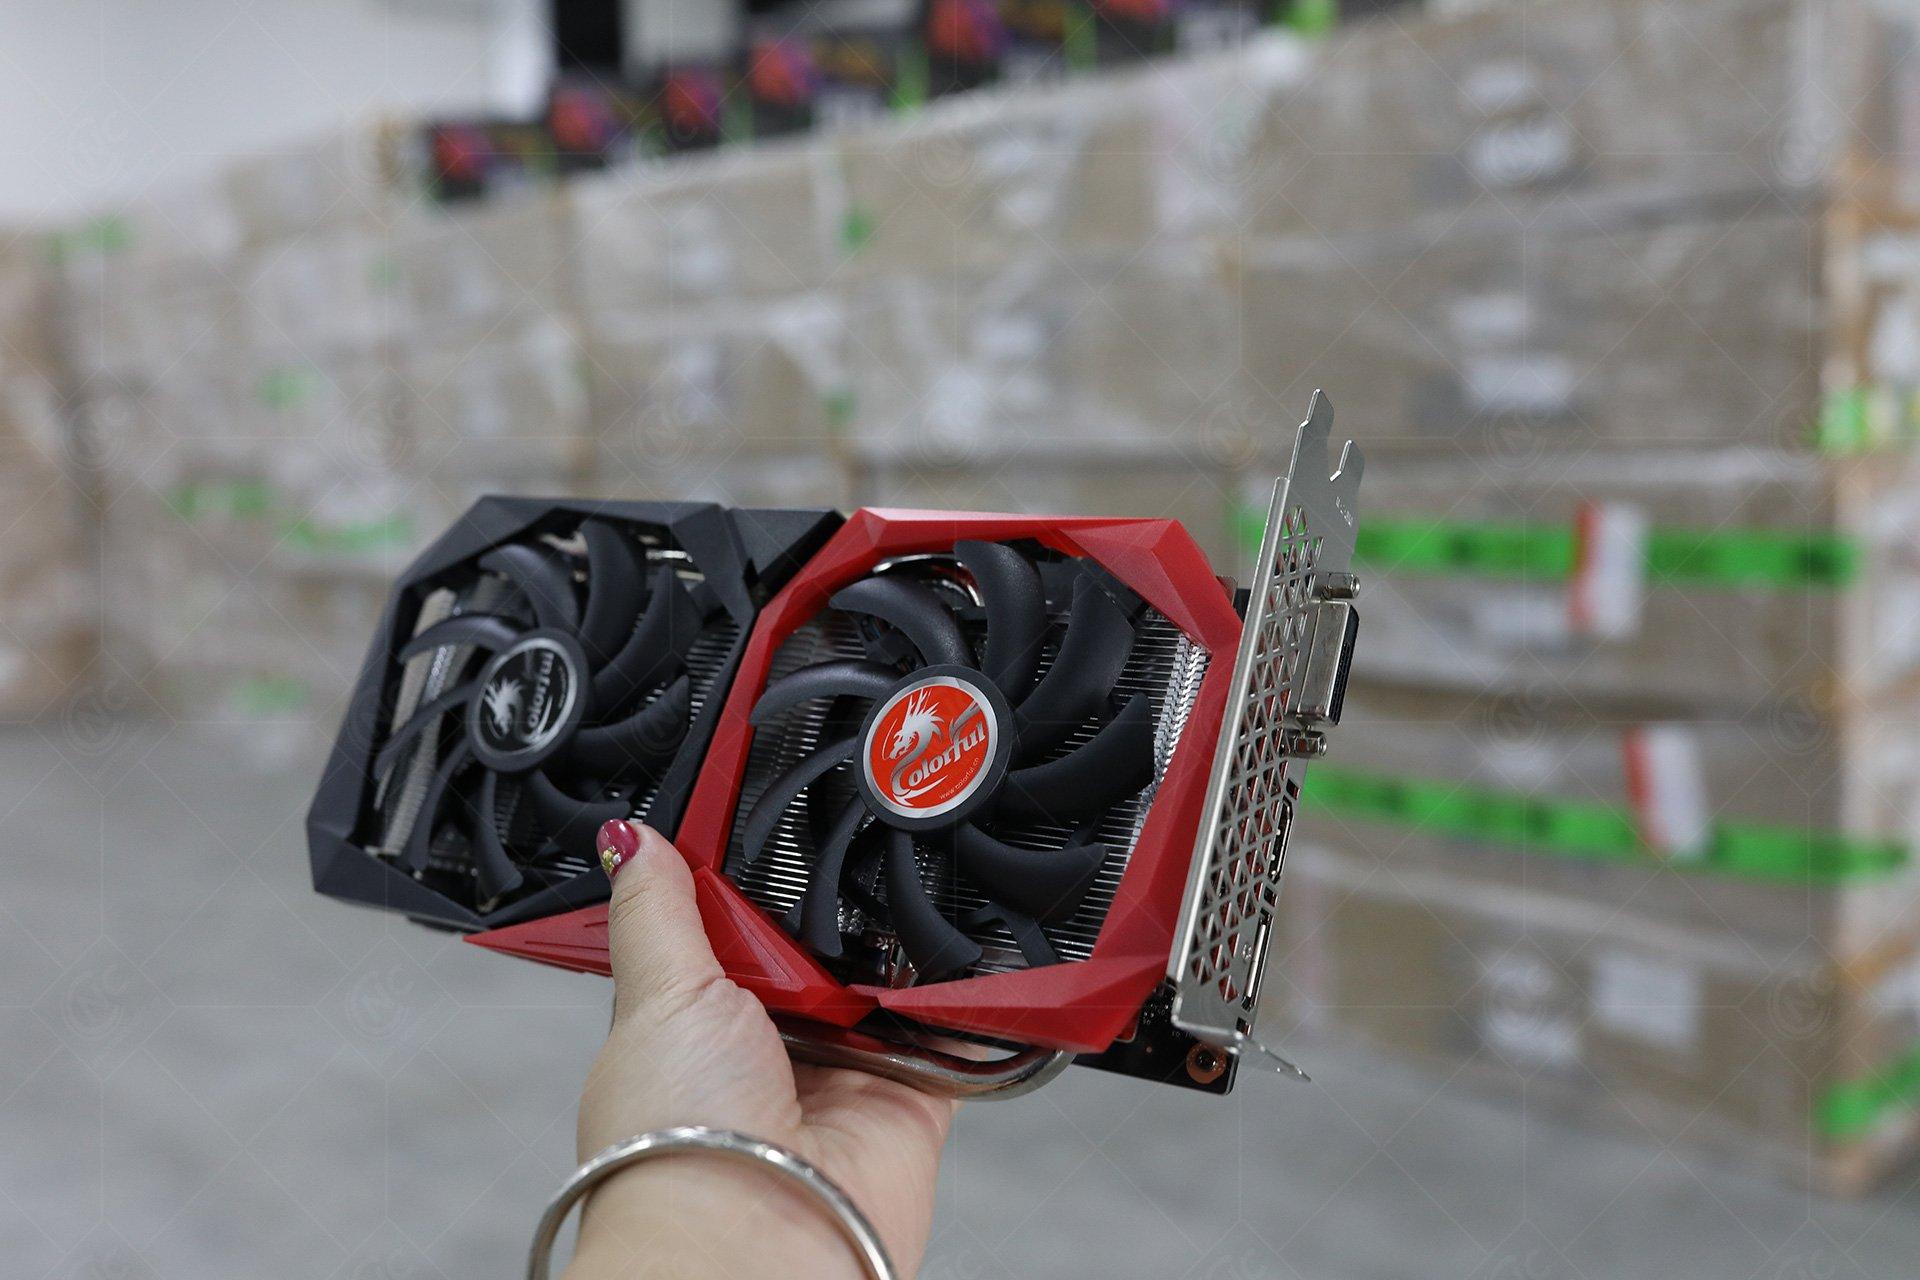 Colorful GeForce RTX 2060 NB-V